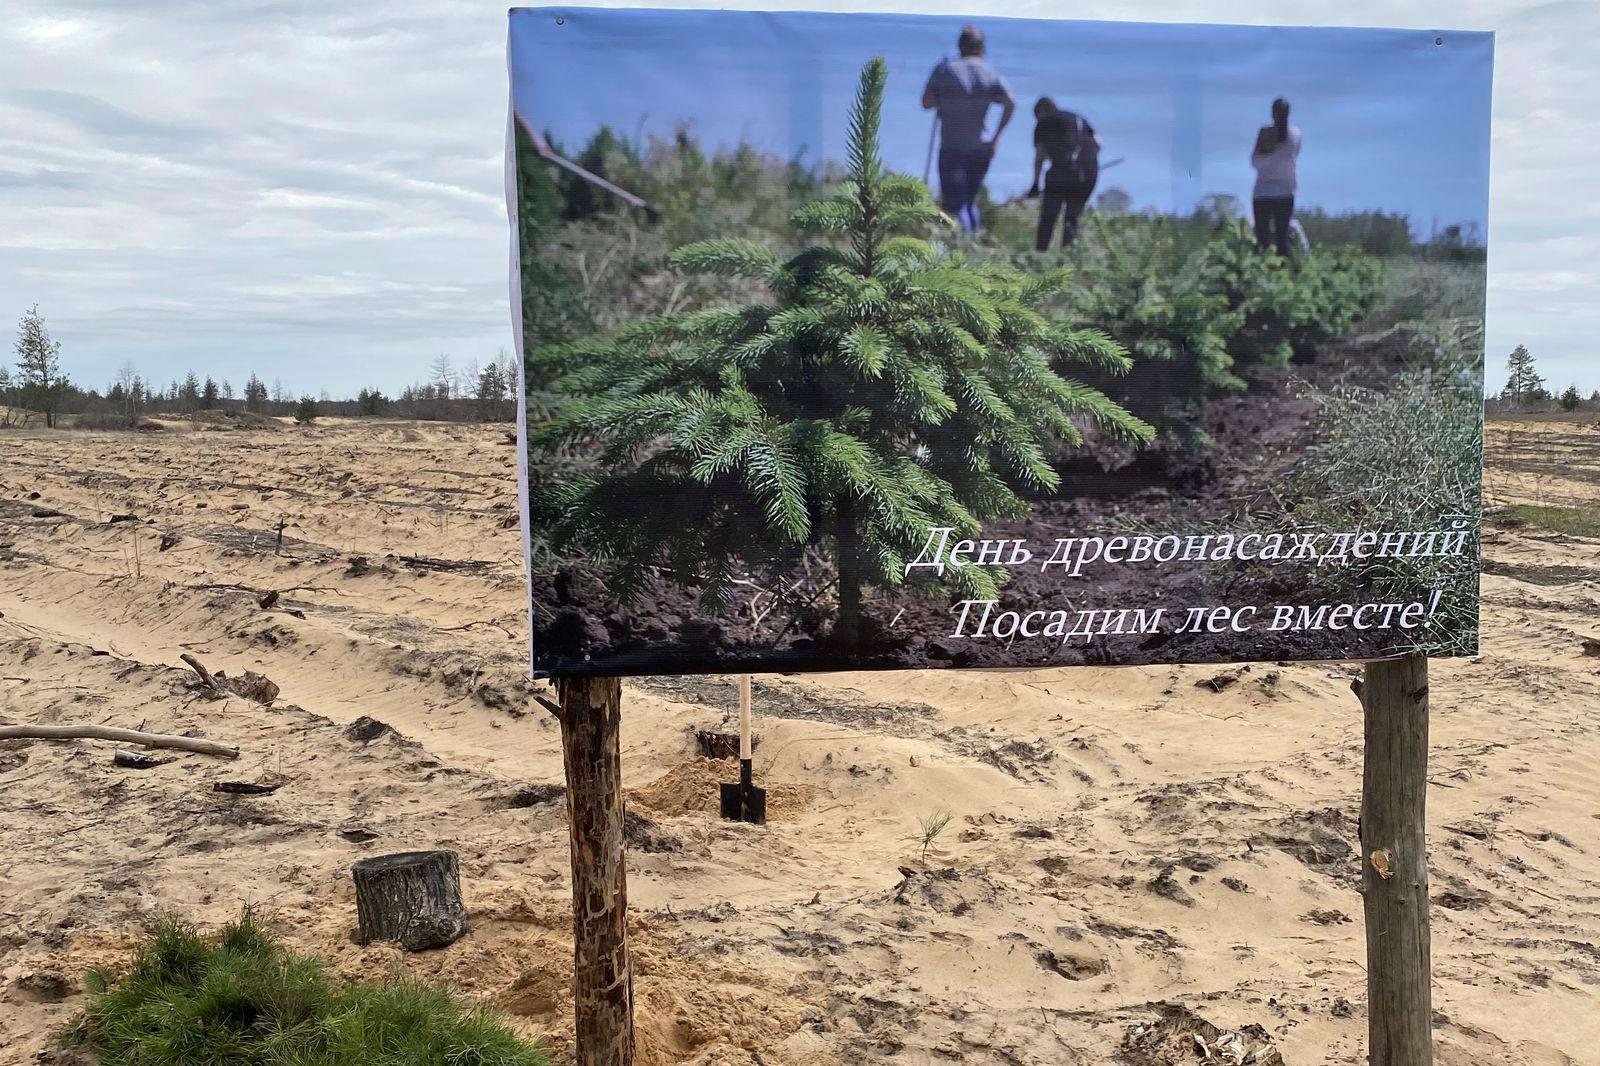 213 тысяч деревьев высажено на Дону